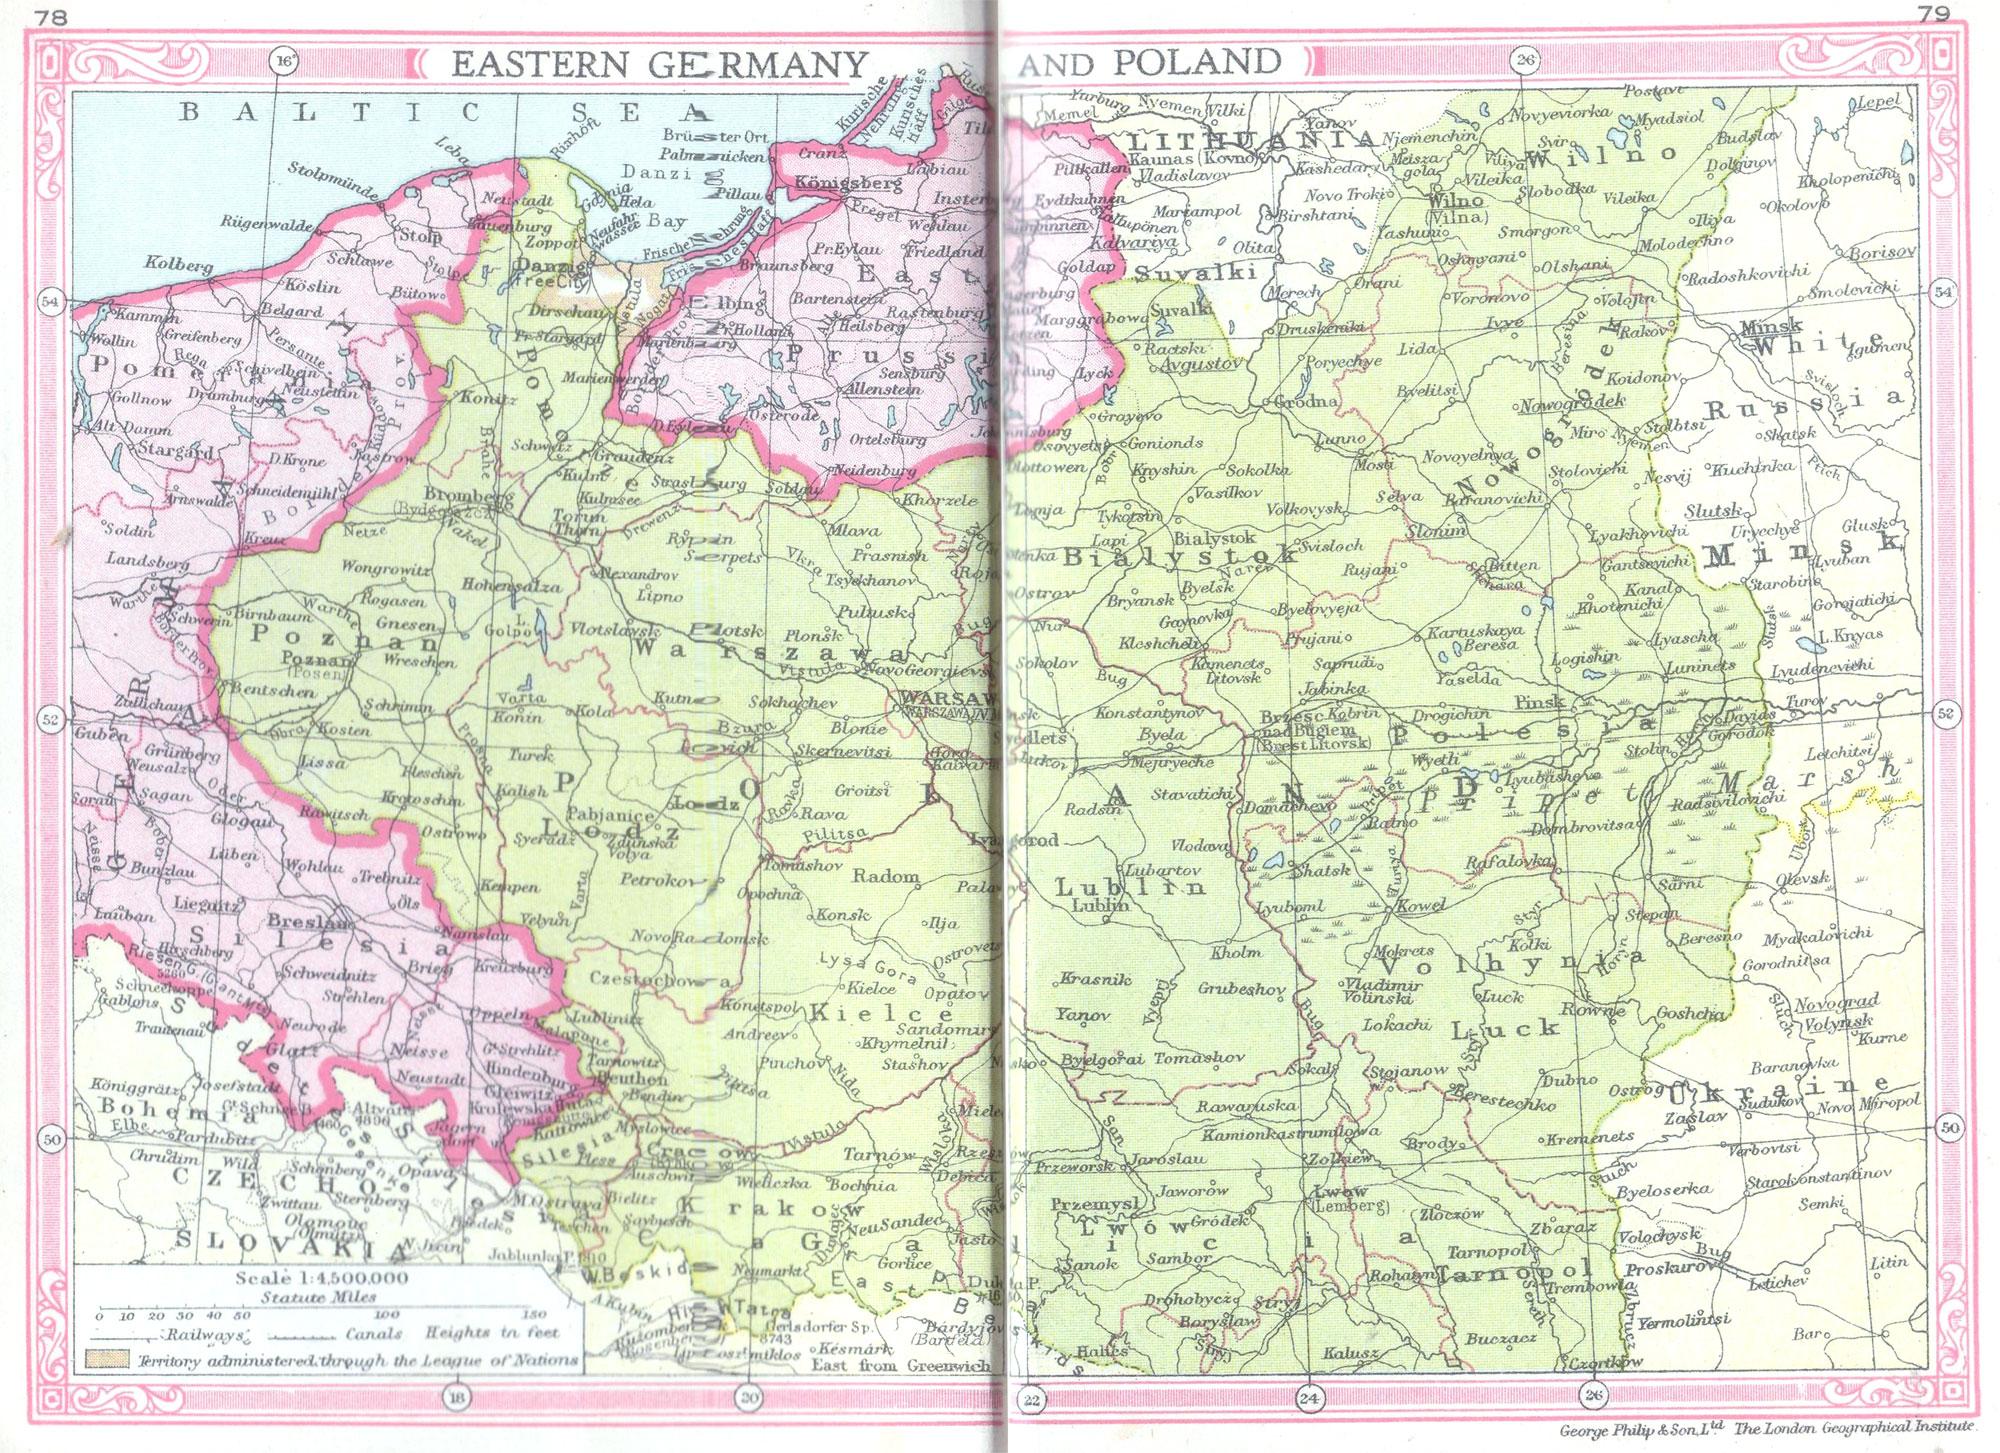 map of eastern europe 1935 Poland & Eastern Germany Map (1935)   Philatelic Database